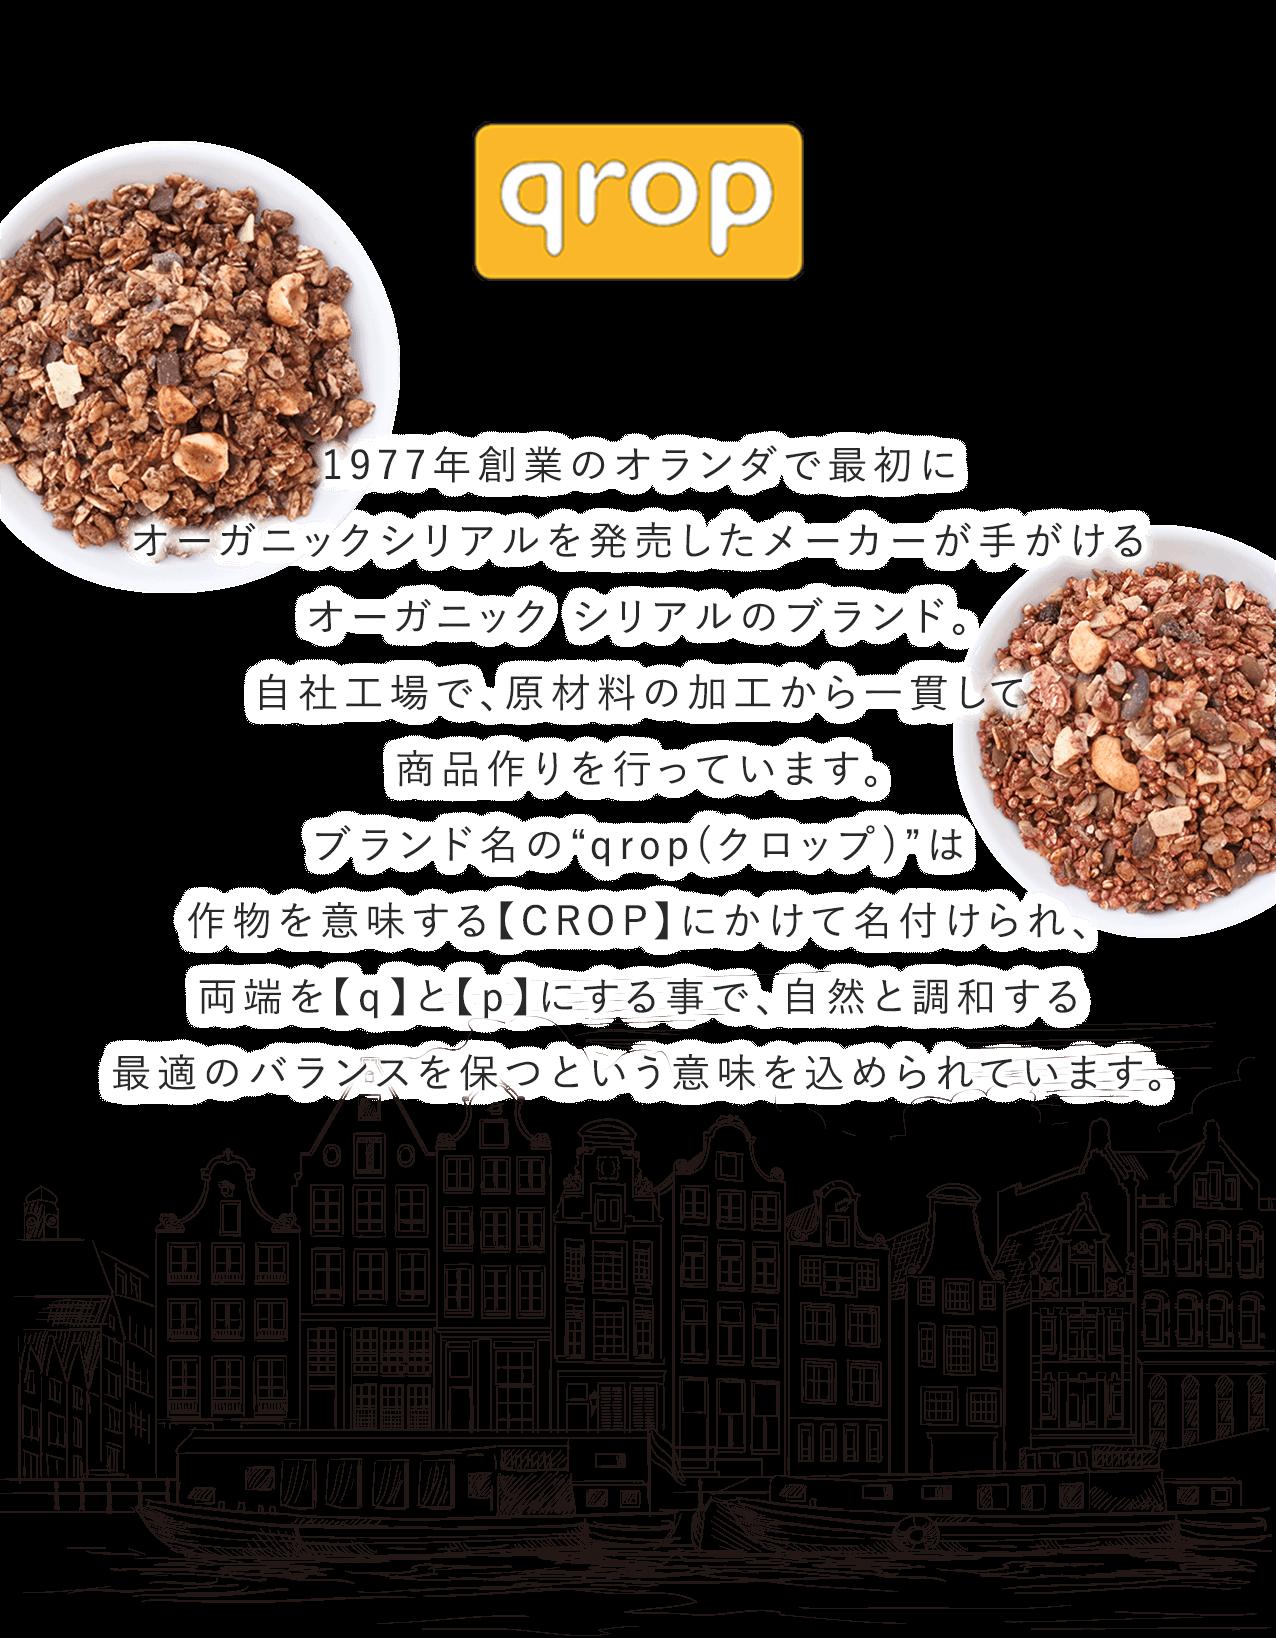 """1977年創業のオランダで最初にオーガニックシリアルを発売したメーカーが手がけるオーガニック シリアルのブランド。自社工場で、原材料の加工から一貫して商品作りを行っています。ブランド名の""""qrop(クロップ)""""は作物を意味する【CROP】にかけて名付けられ、両端を【q】と【p】にする事で、自然と調和する最適のバランスを保つという意味を込められています。"""